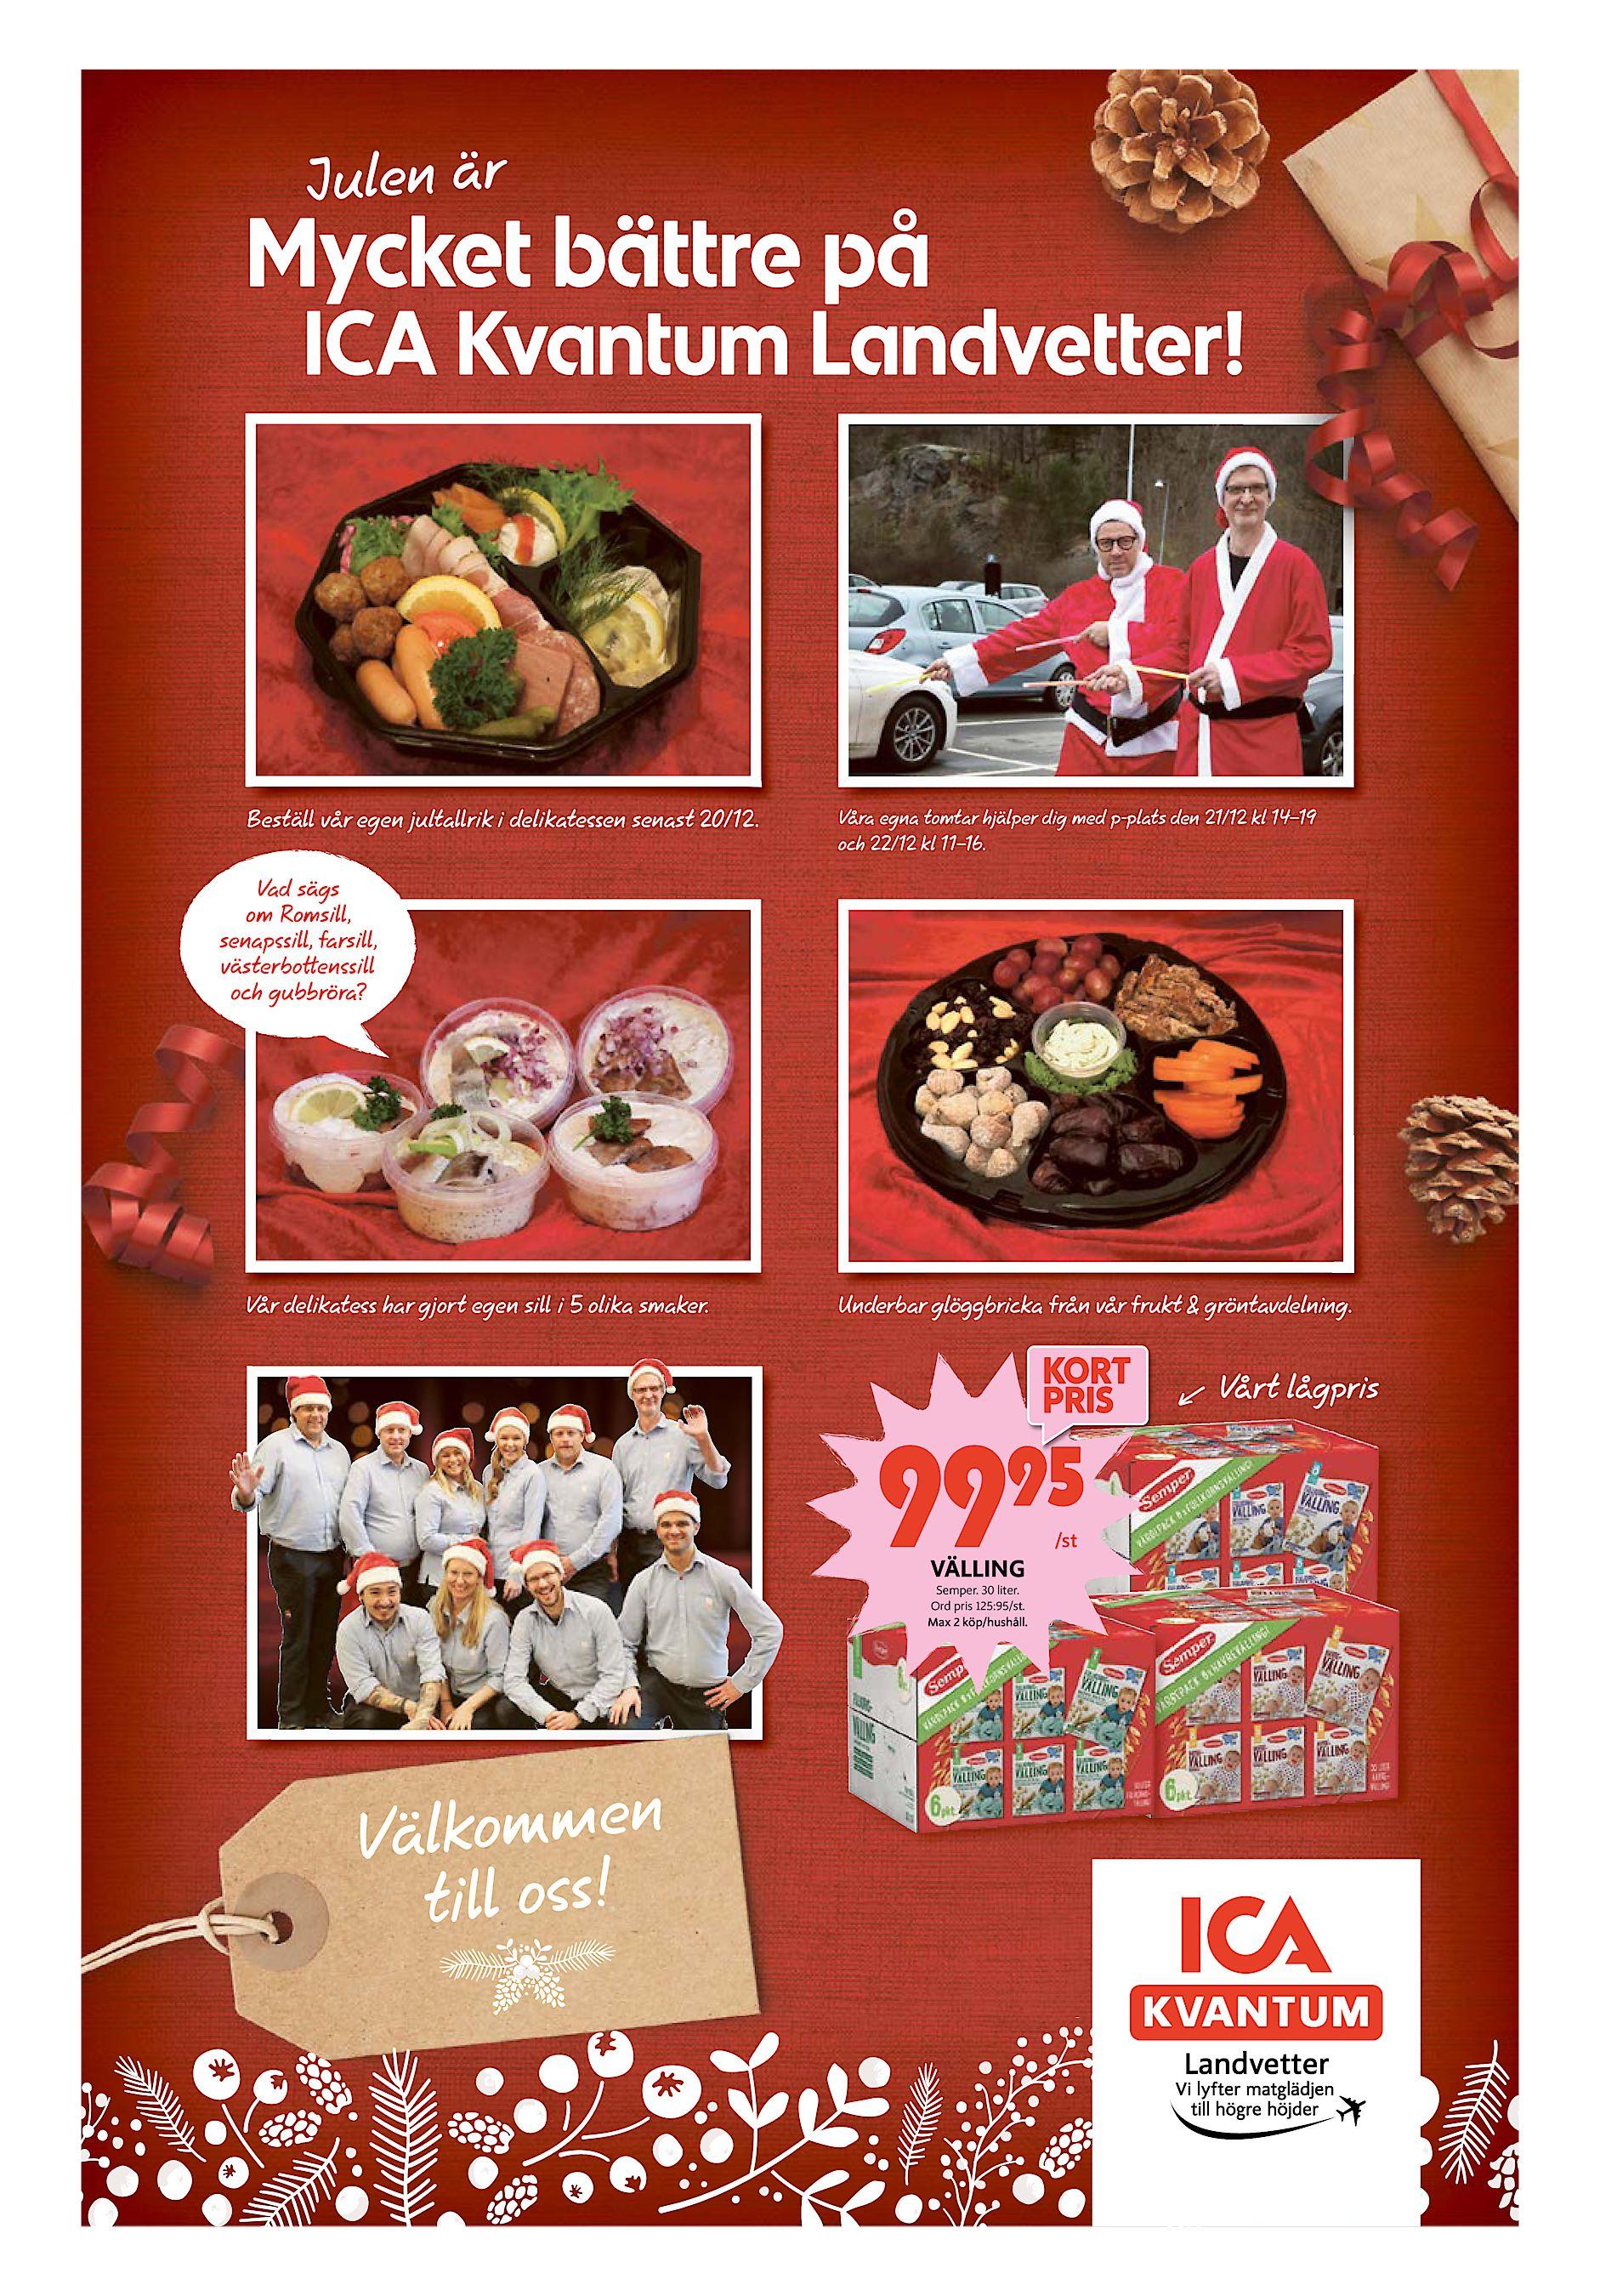 a6ee7487bfa2 Härryda-Posten onsdag 19 december 2018 Julen är Mycket bättre på ICA  Kvantum Landvetter! Beställ vår egen jultallrik i delikatessen senast 20/12.